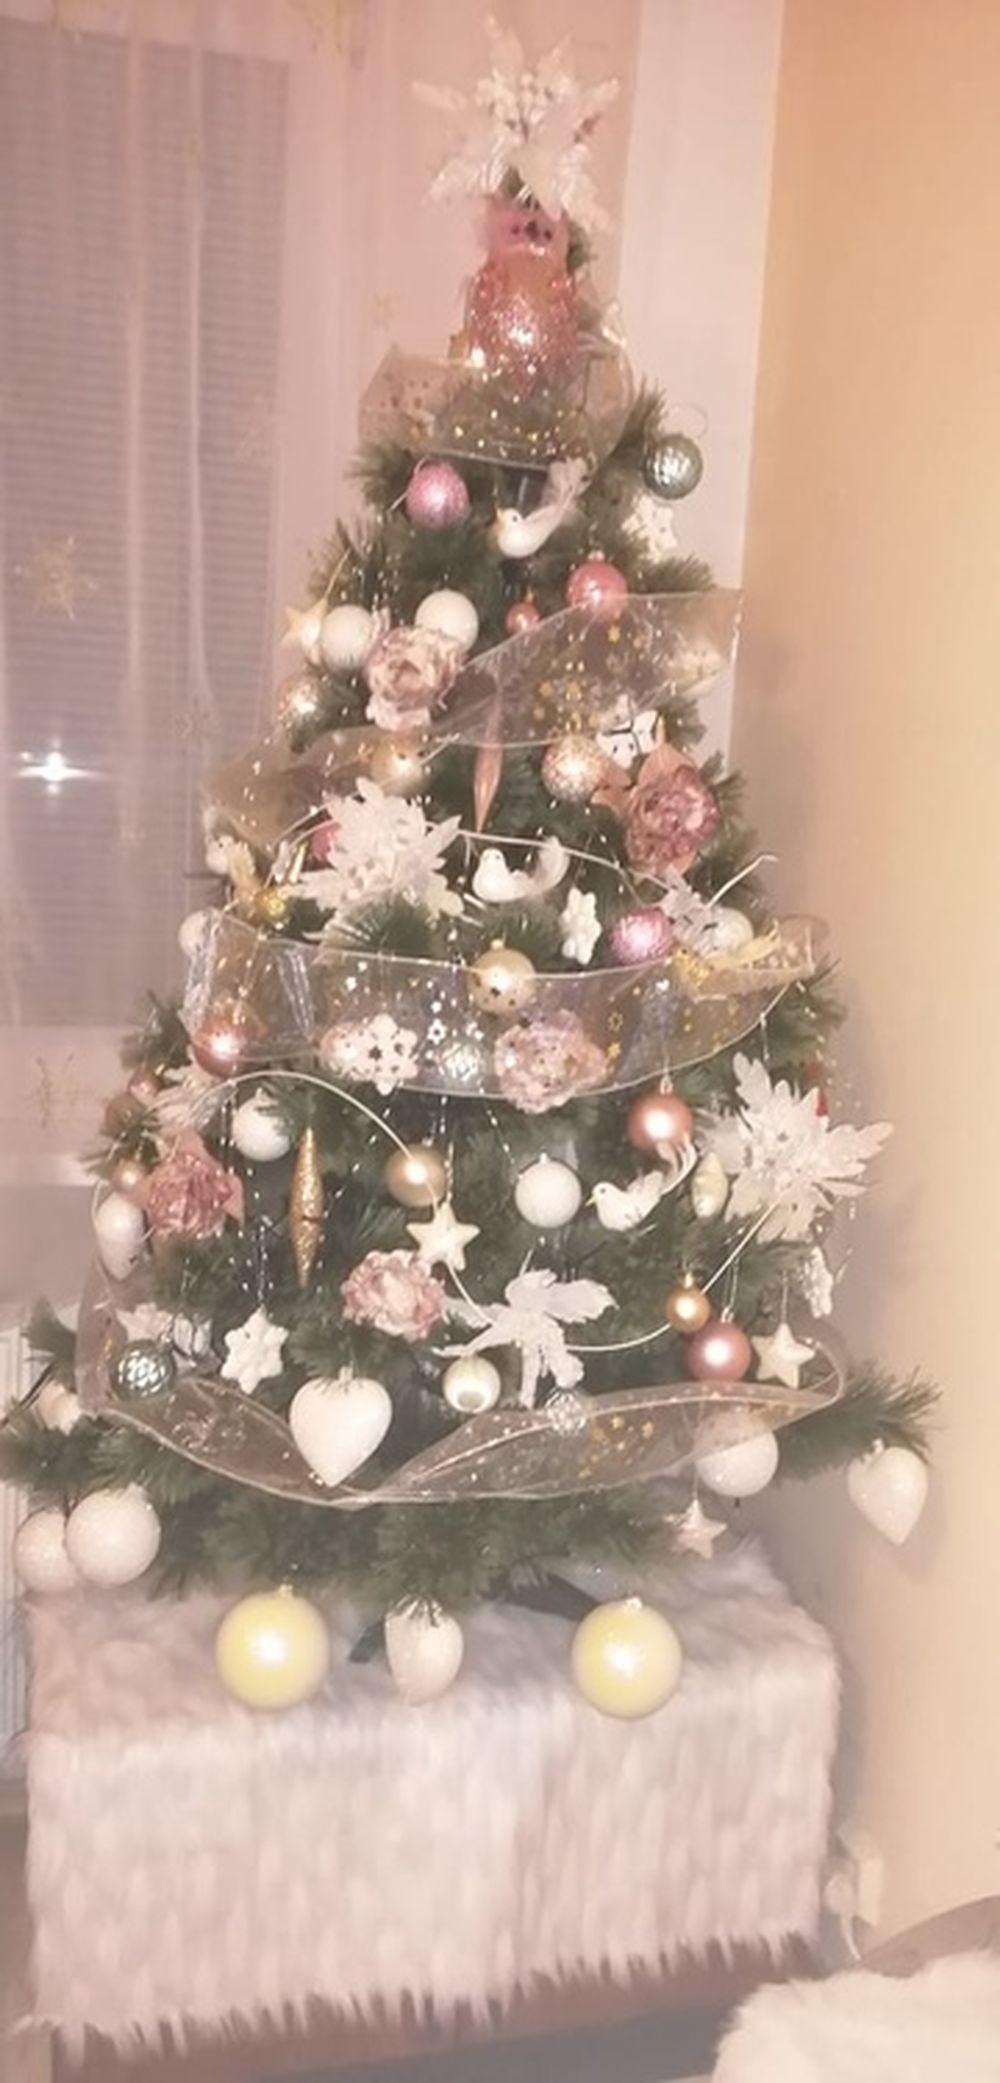 FOTO: Vianočné stromčeky v Žiline - výber fotografií našich čitateľov, foto 71